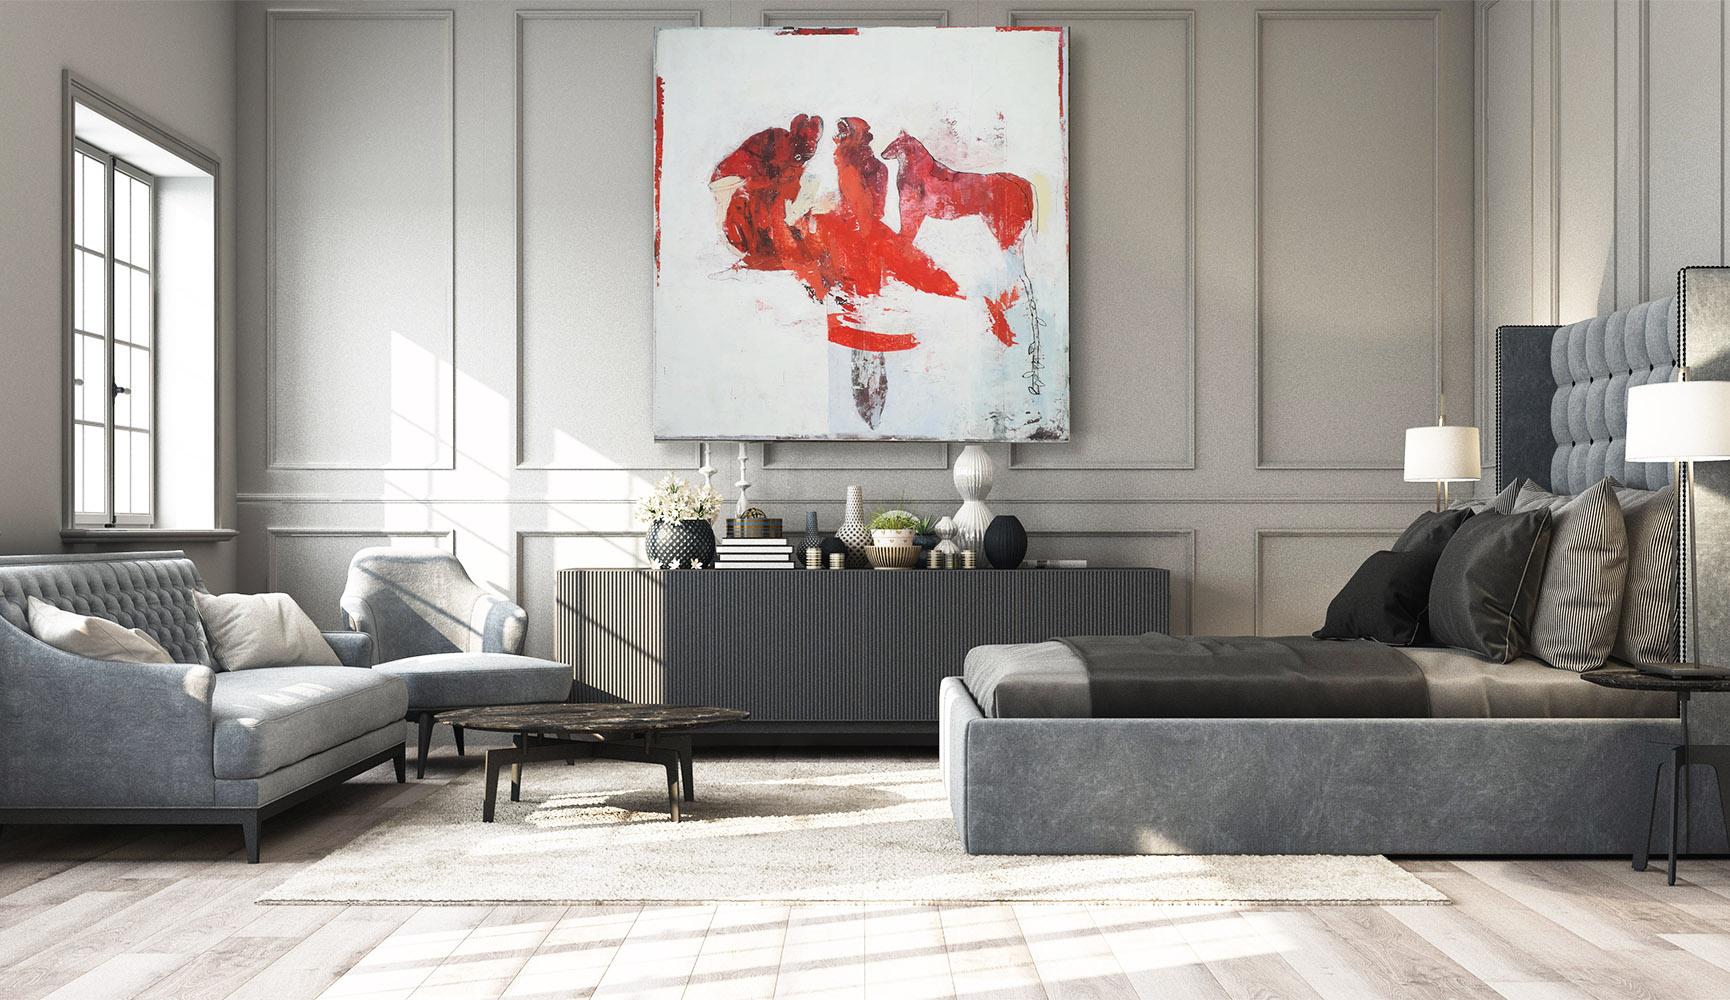 peinture acrylique sur bois beige clair et rouge avec des personnages et des animaux de philippe croq in situ